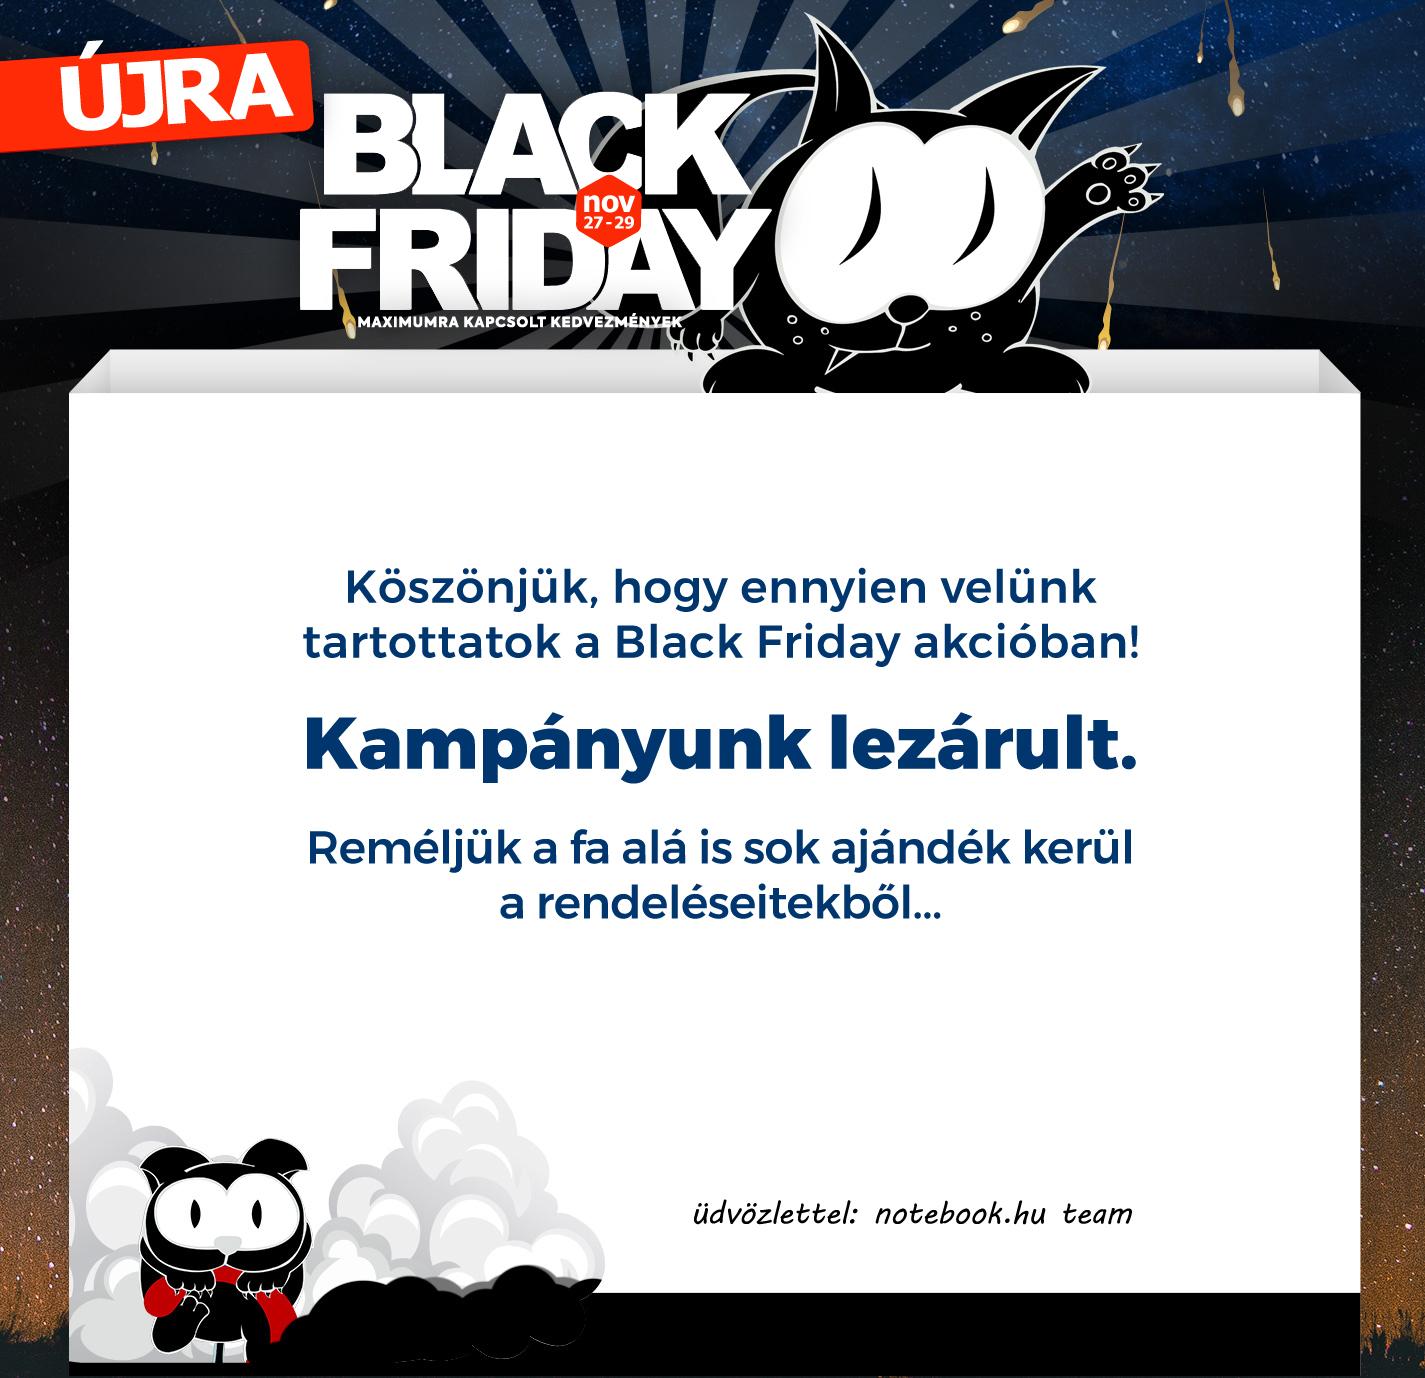 Black Friday 2020 - Notebook.hu